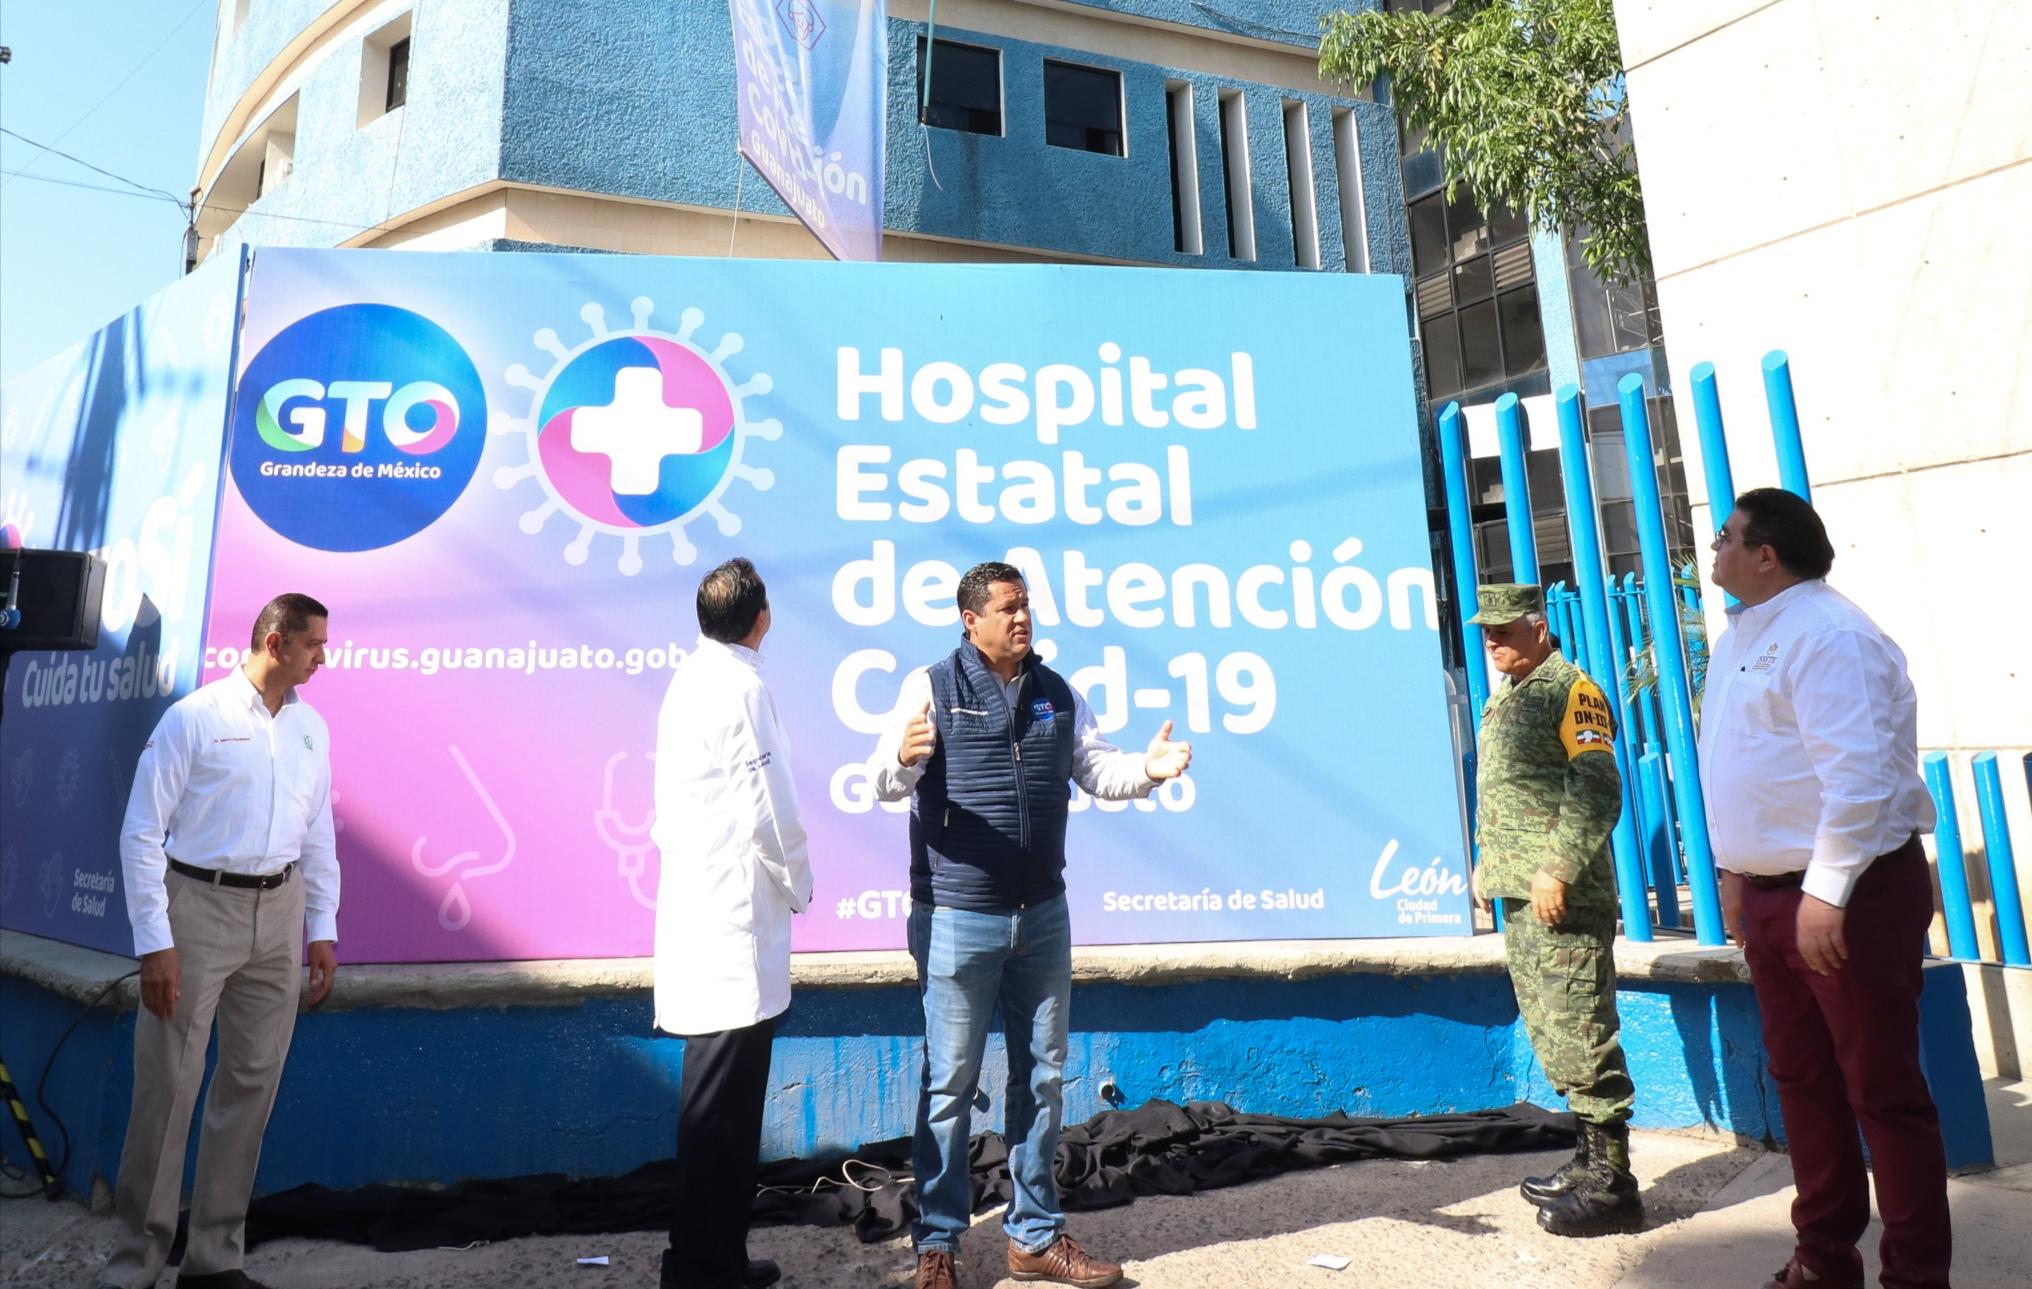 Abre en Guanajuato el primer Hospital Estatal de Atención COVID-19 en México 1